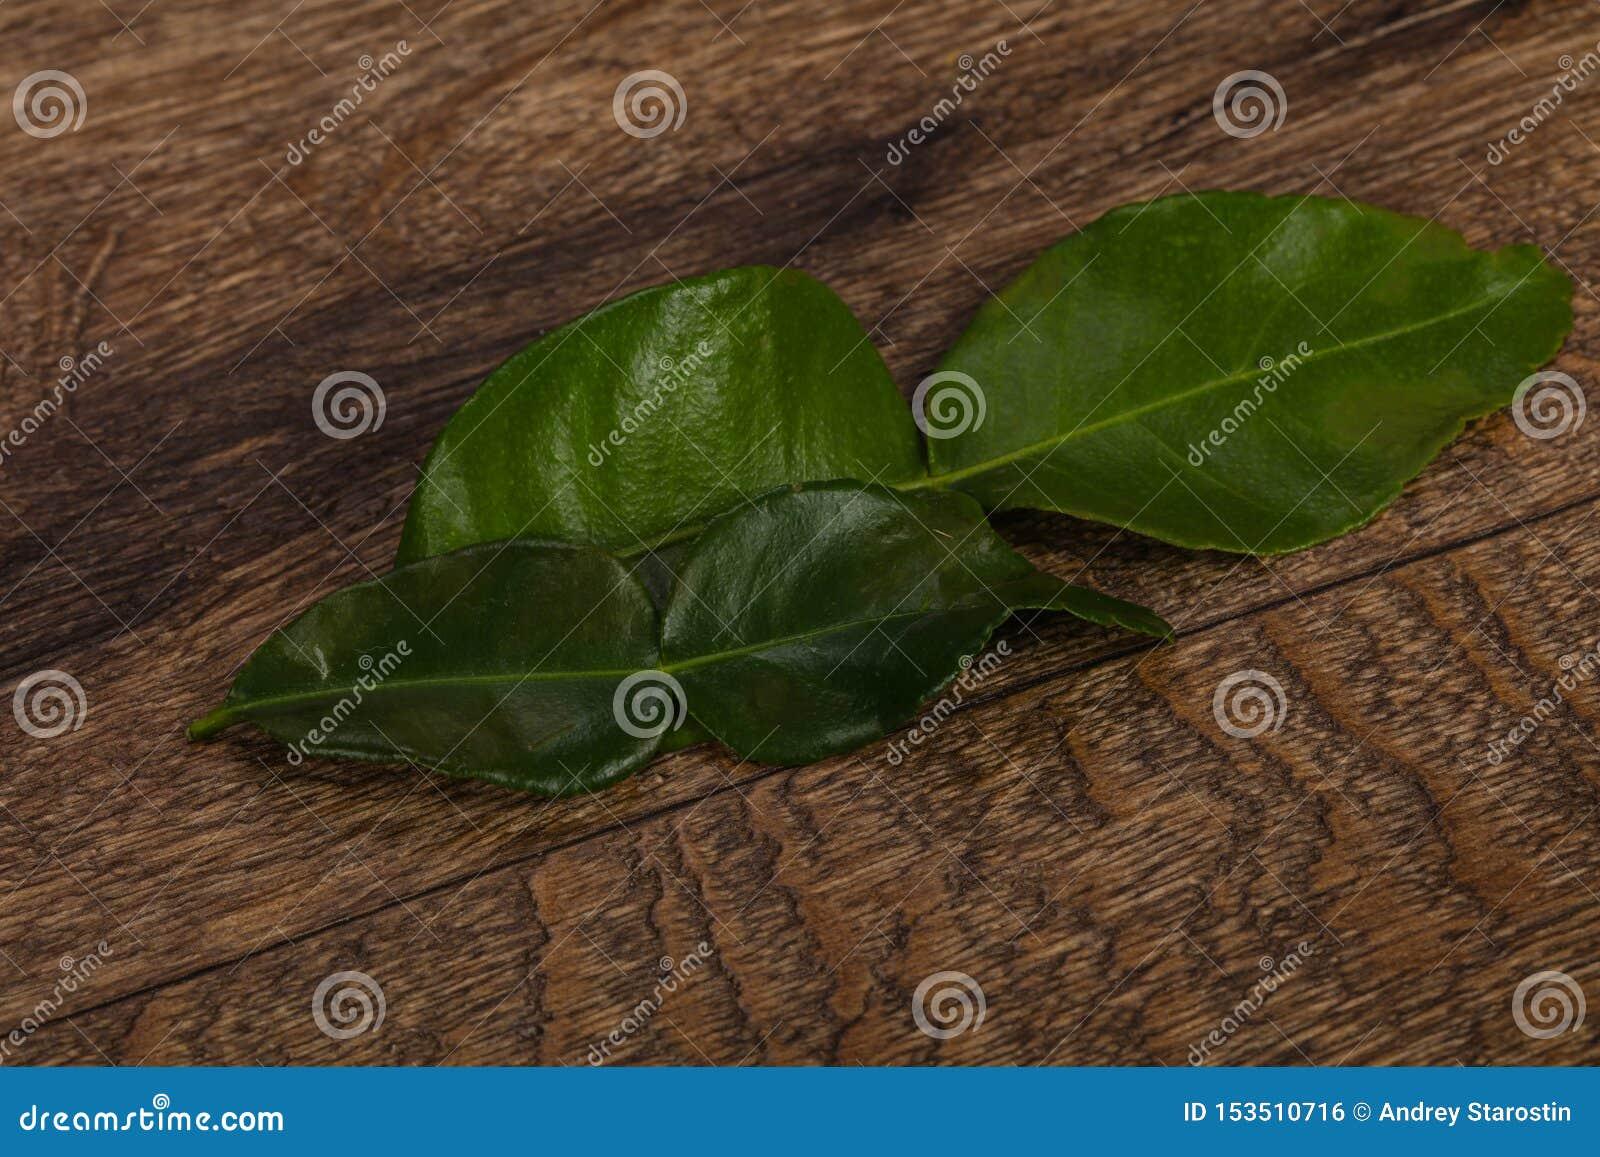 Kafir lime leaves - addition for Asian cuisine